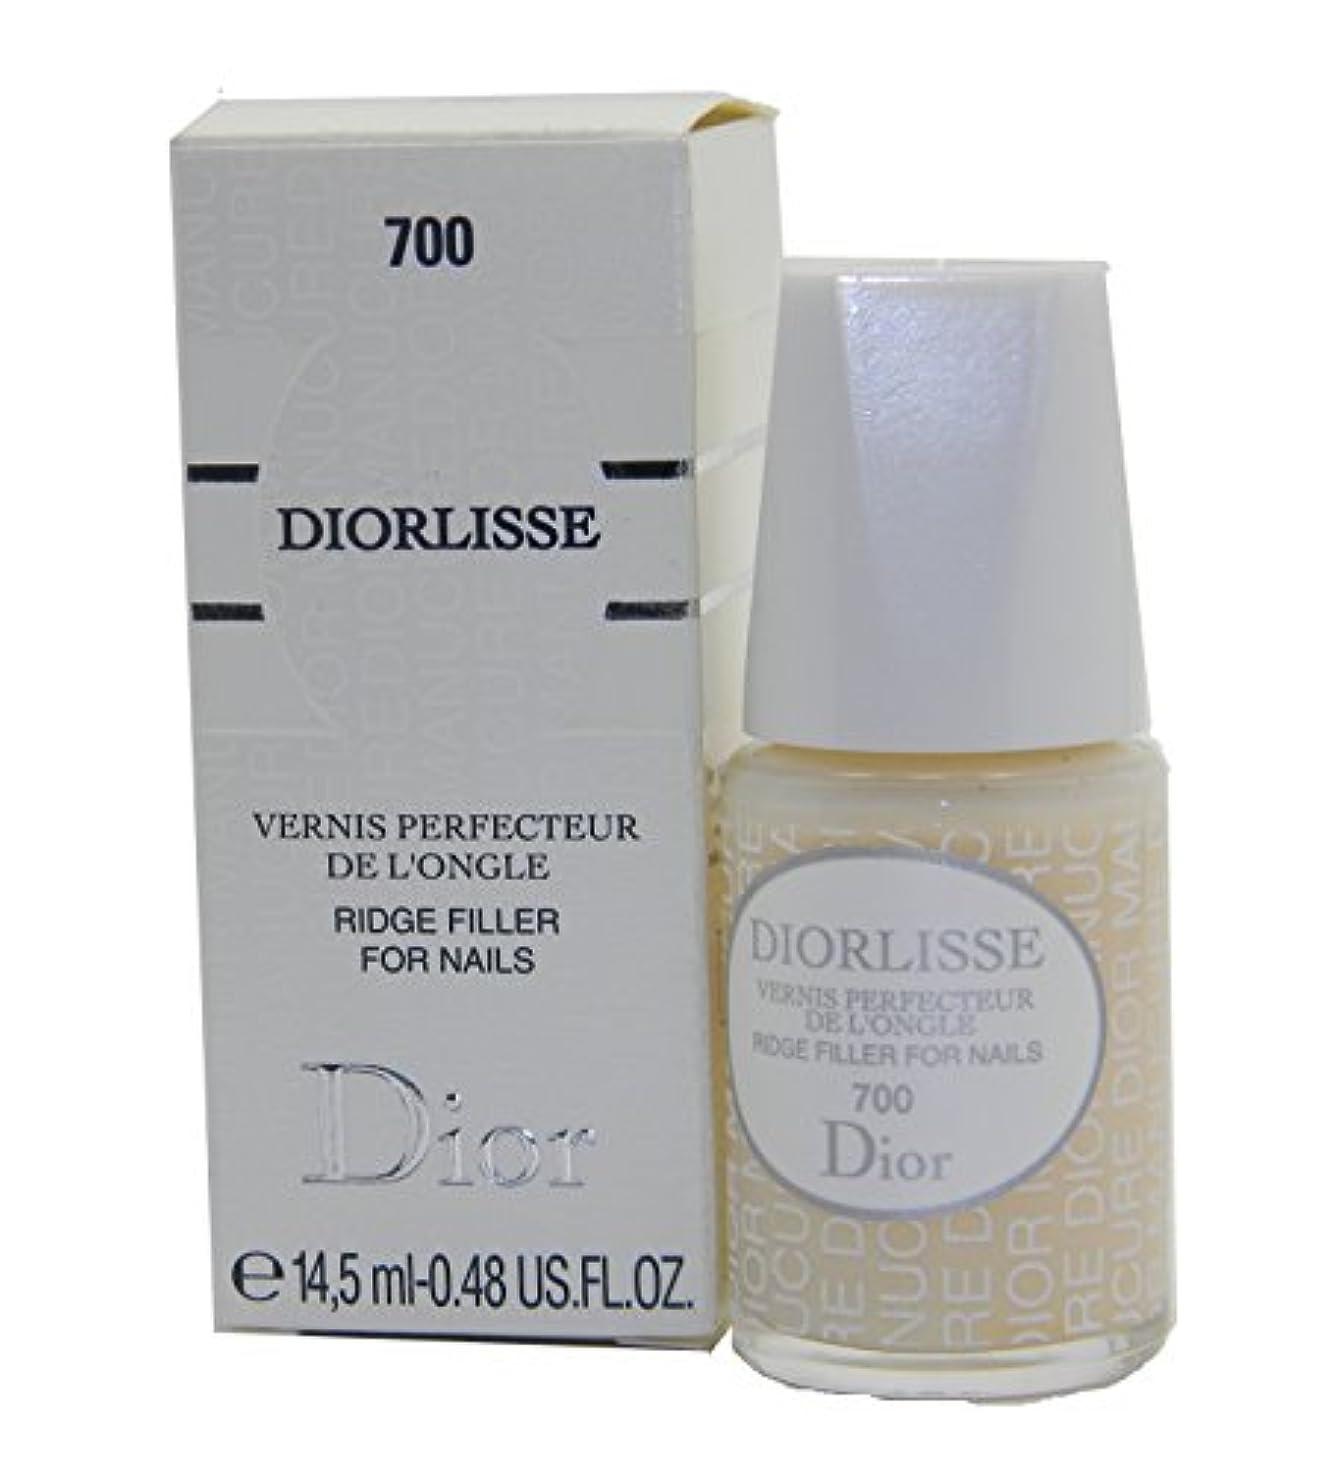 手を差し伸べる農村恵みDior Diorlisse Ridge Filler For Nail 700(ディオールリス リッジフィラー フォーネイル 700)[海外直送品] [並行輸入品]